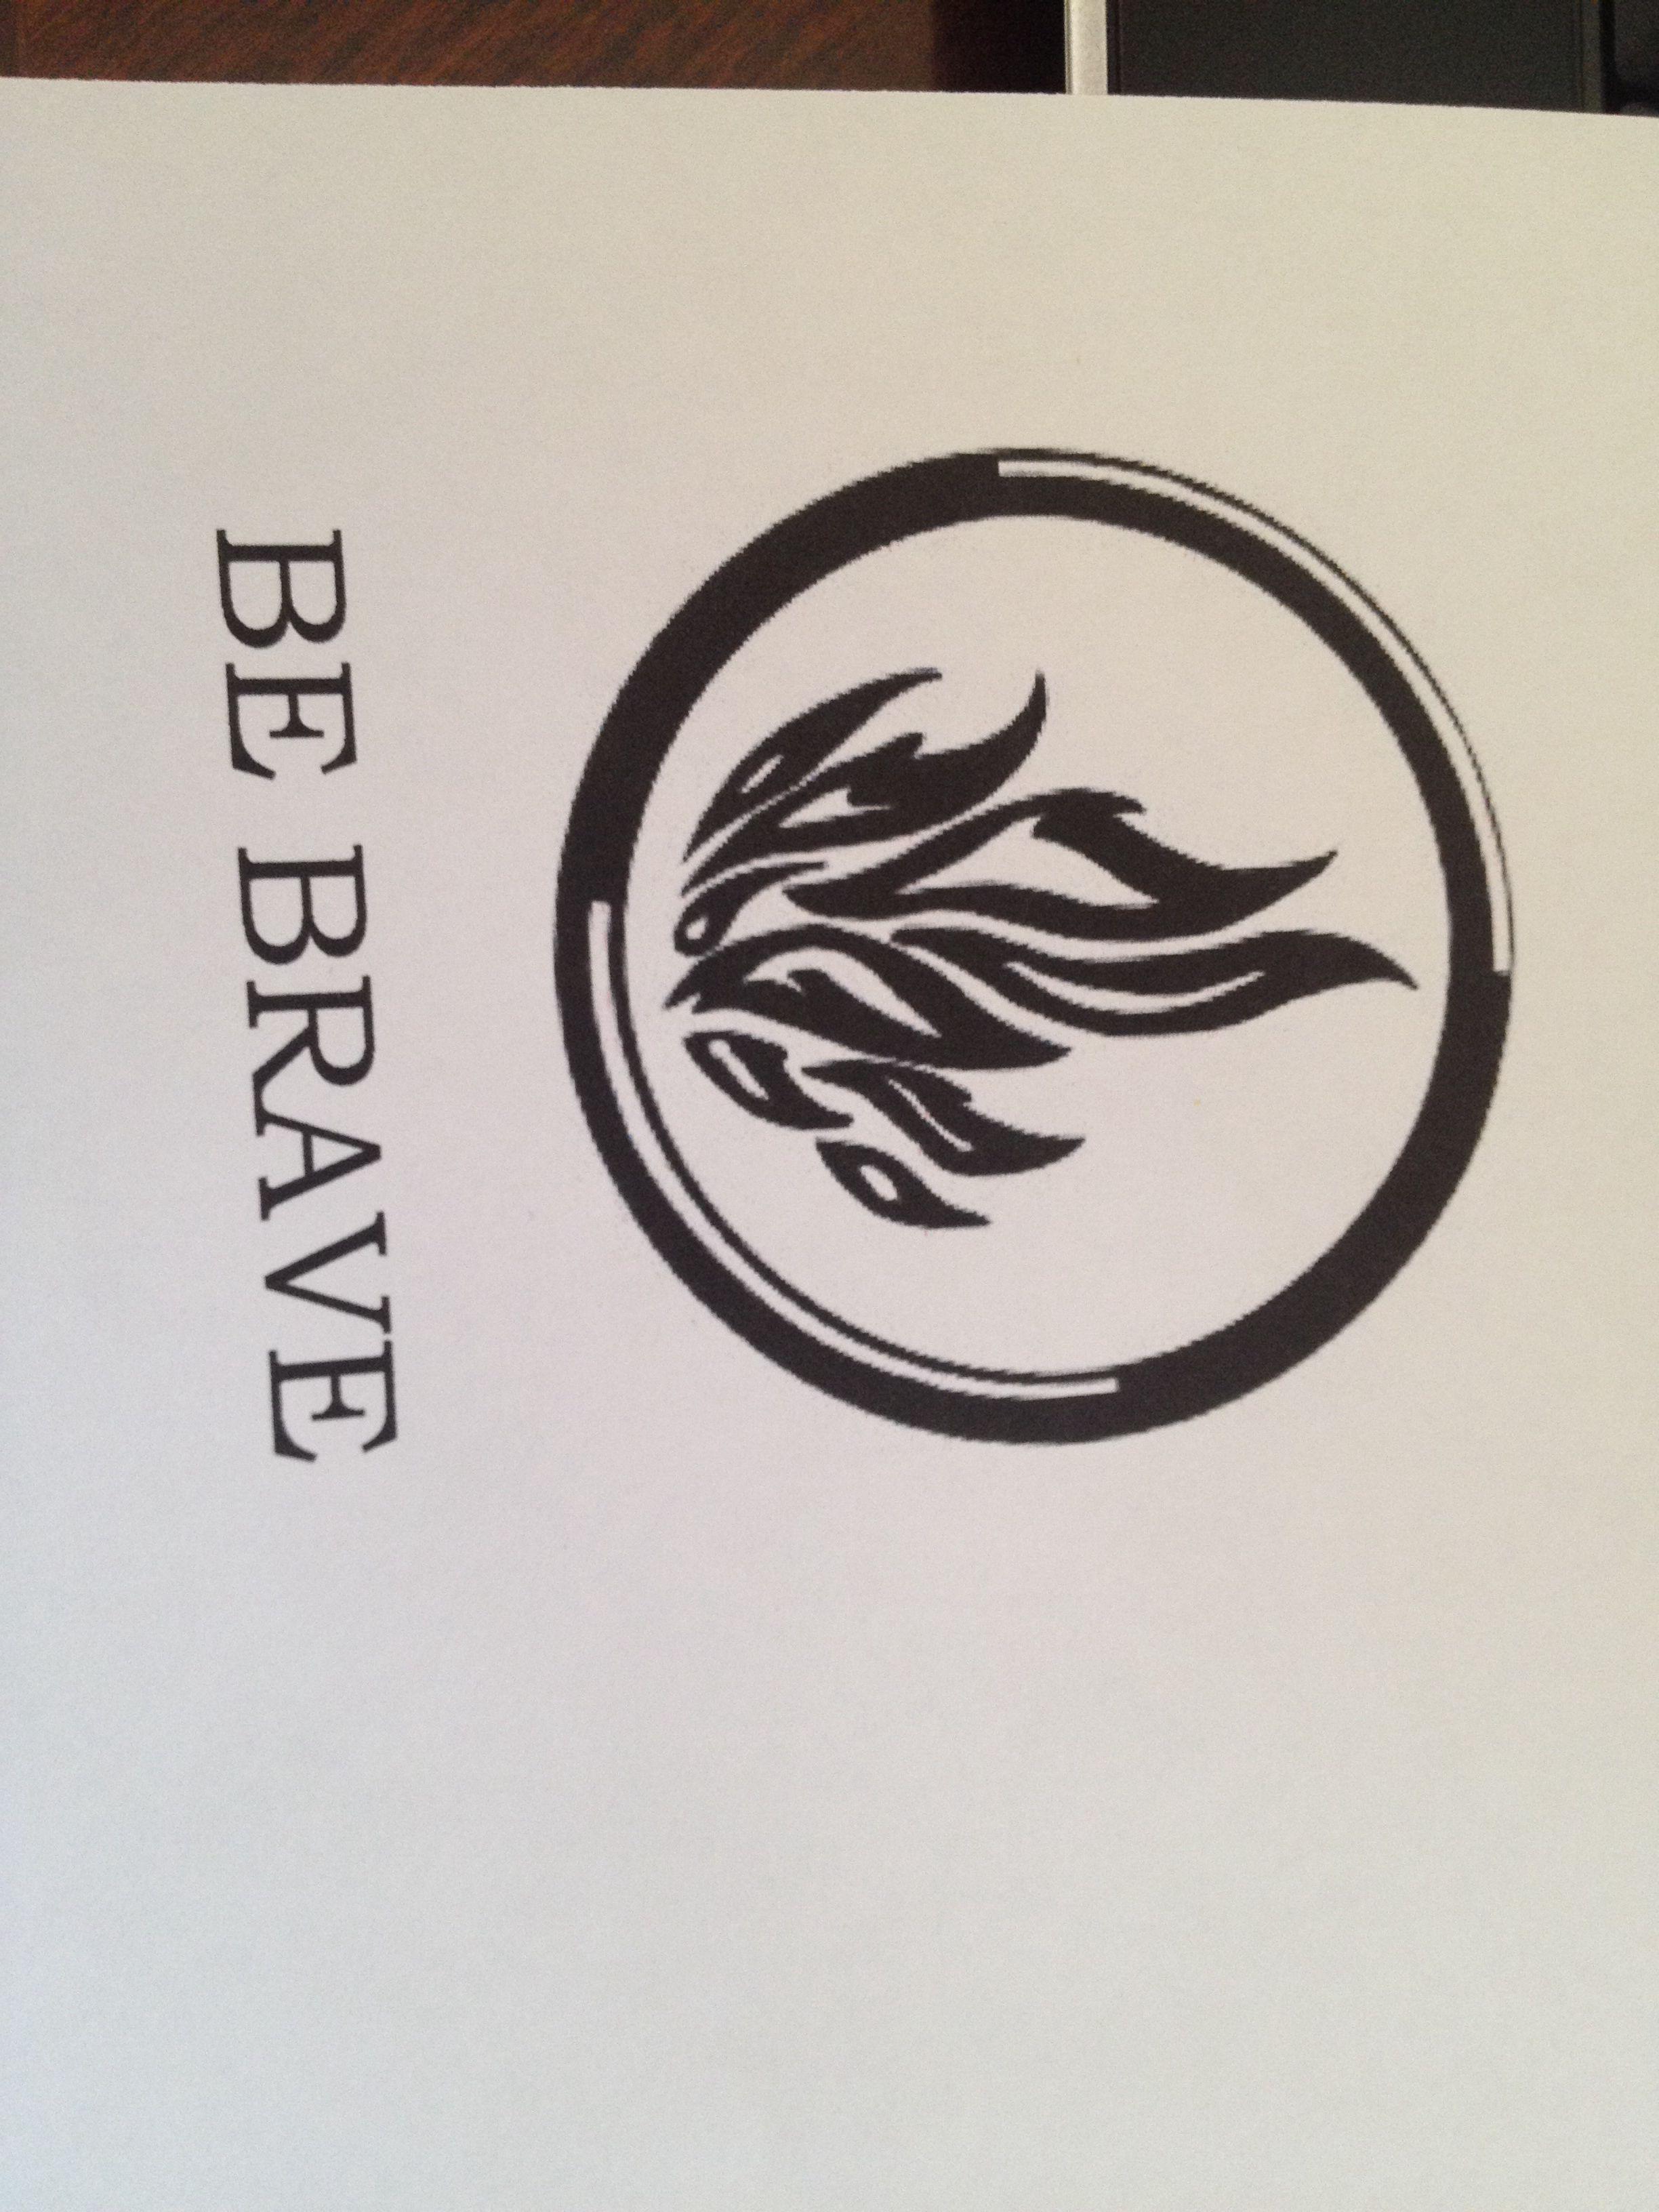 Be brave dauntless symbol divergent tattoo idea | Tattoo ...